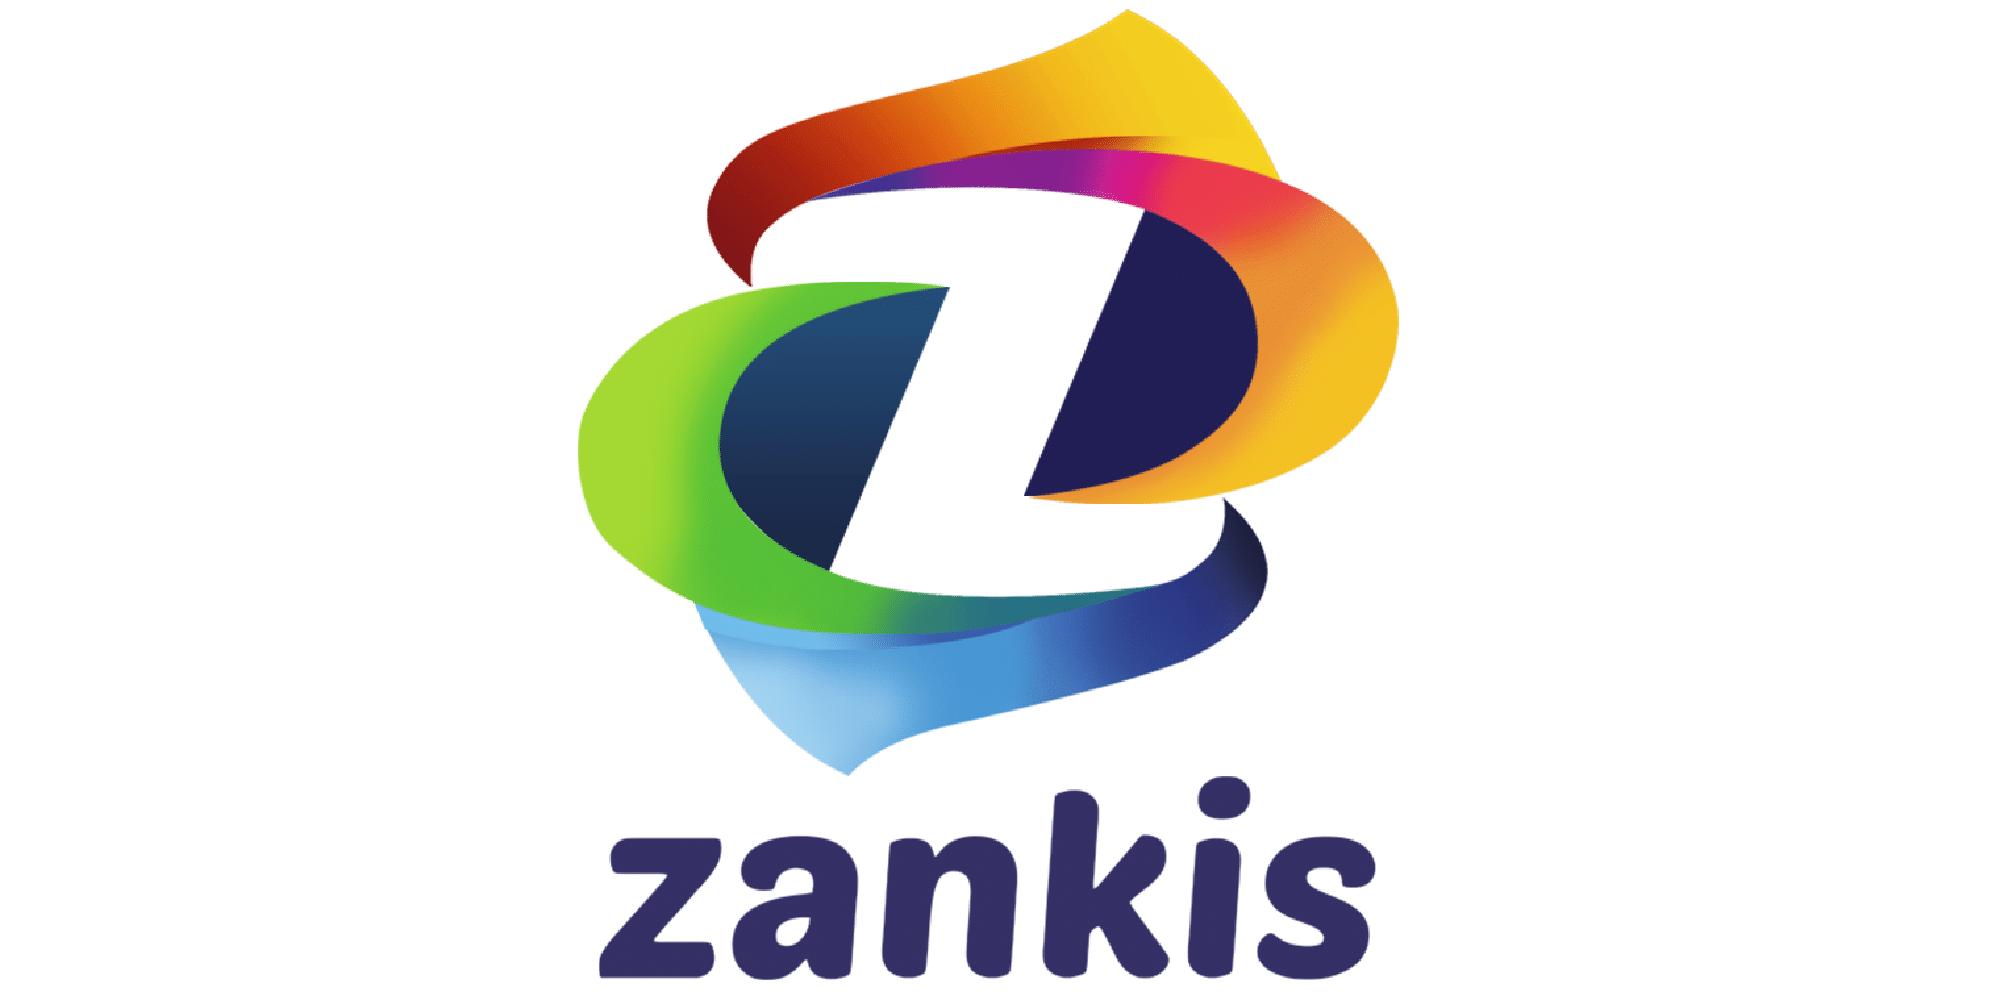 zankis